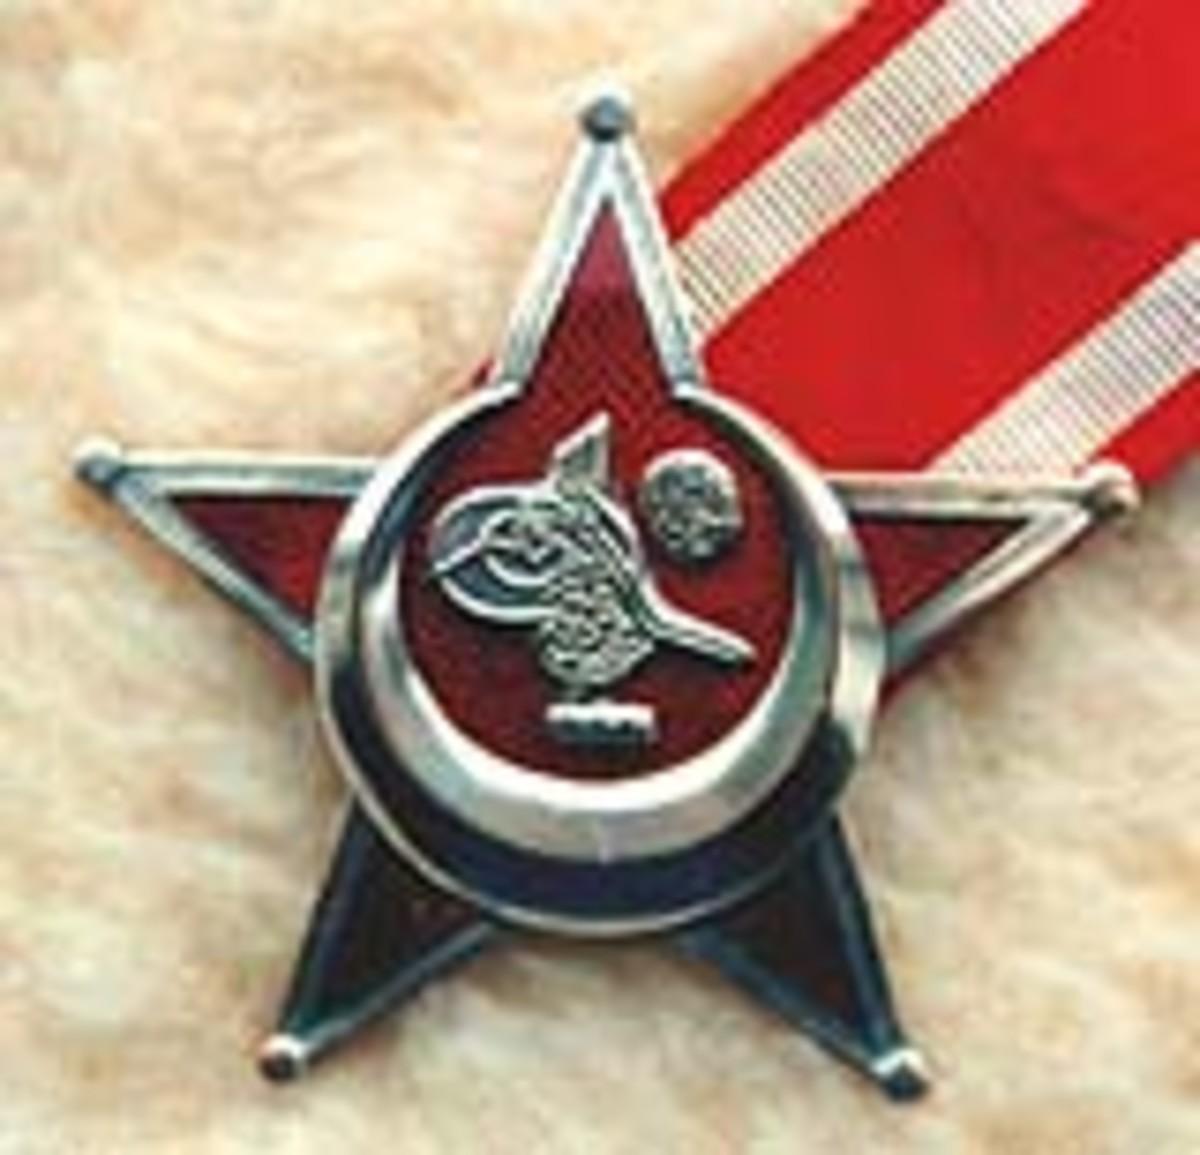 Medal image from Hendrik Meersschaert collection